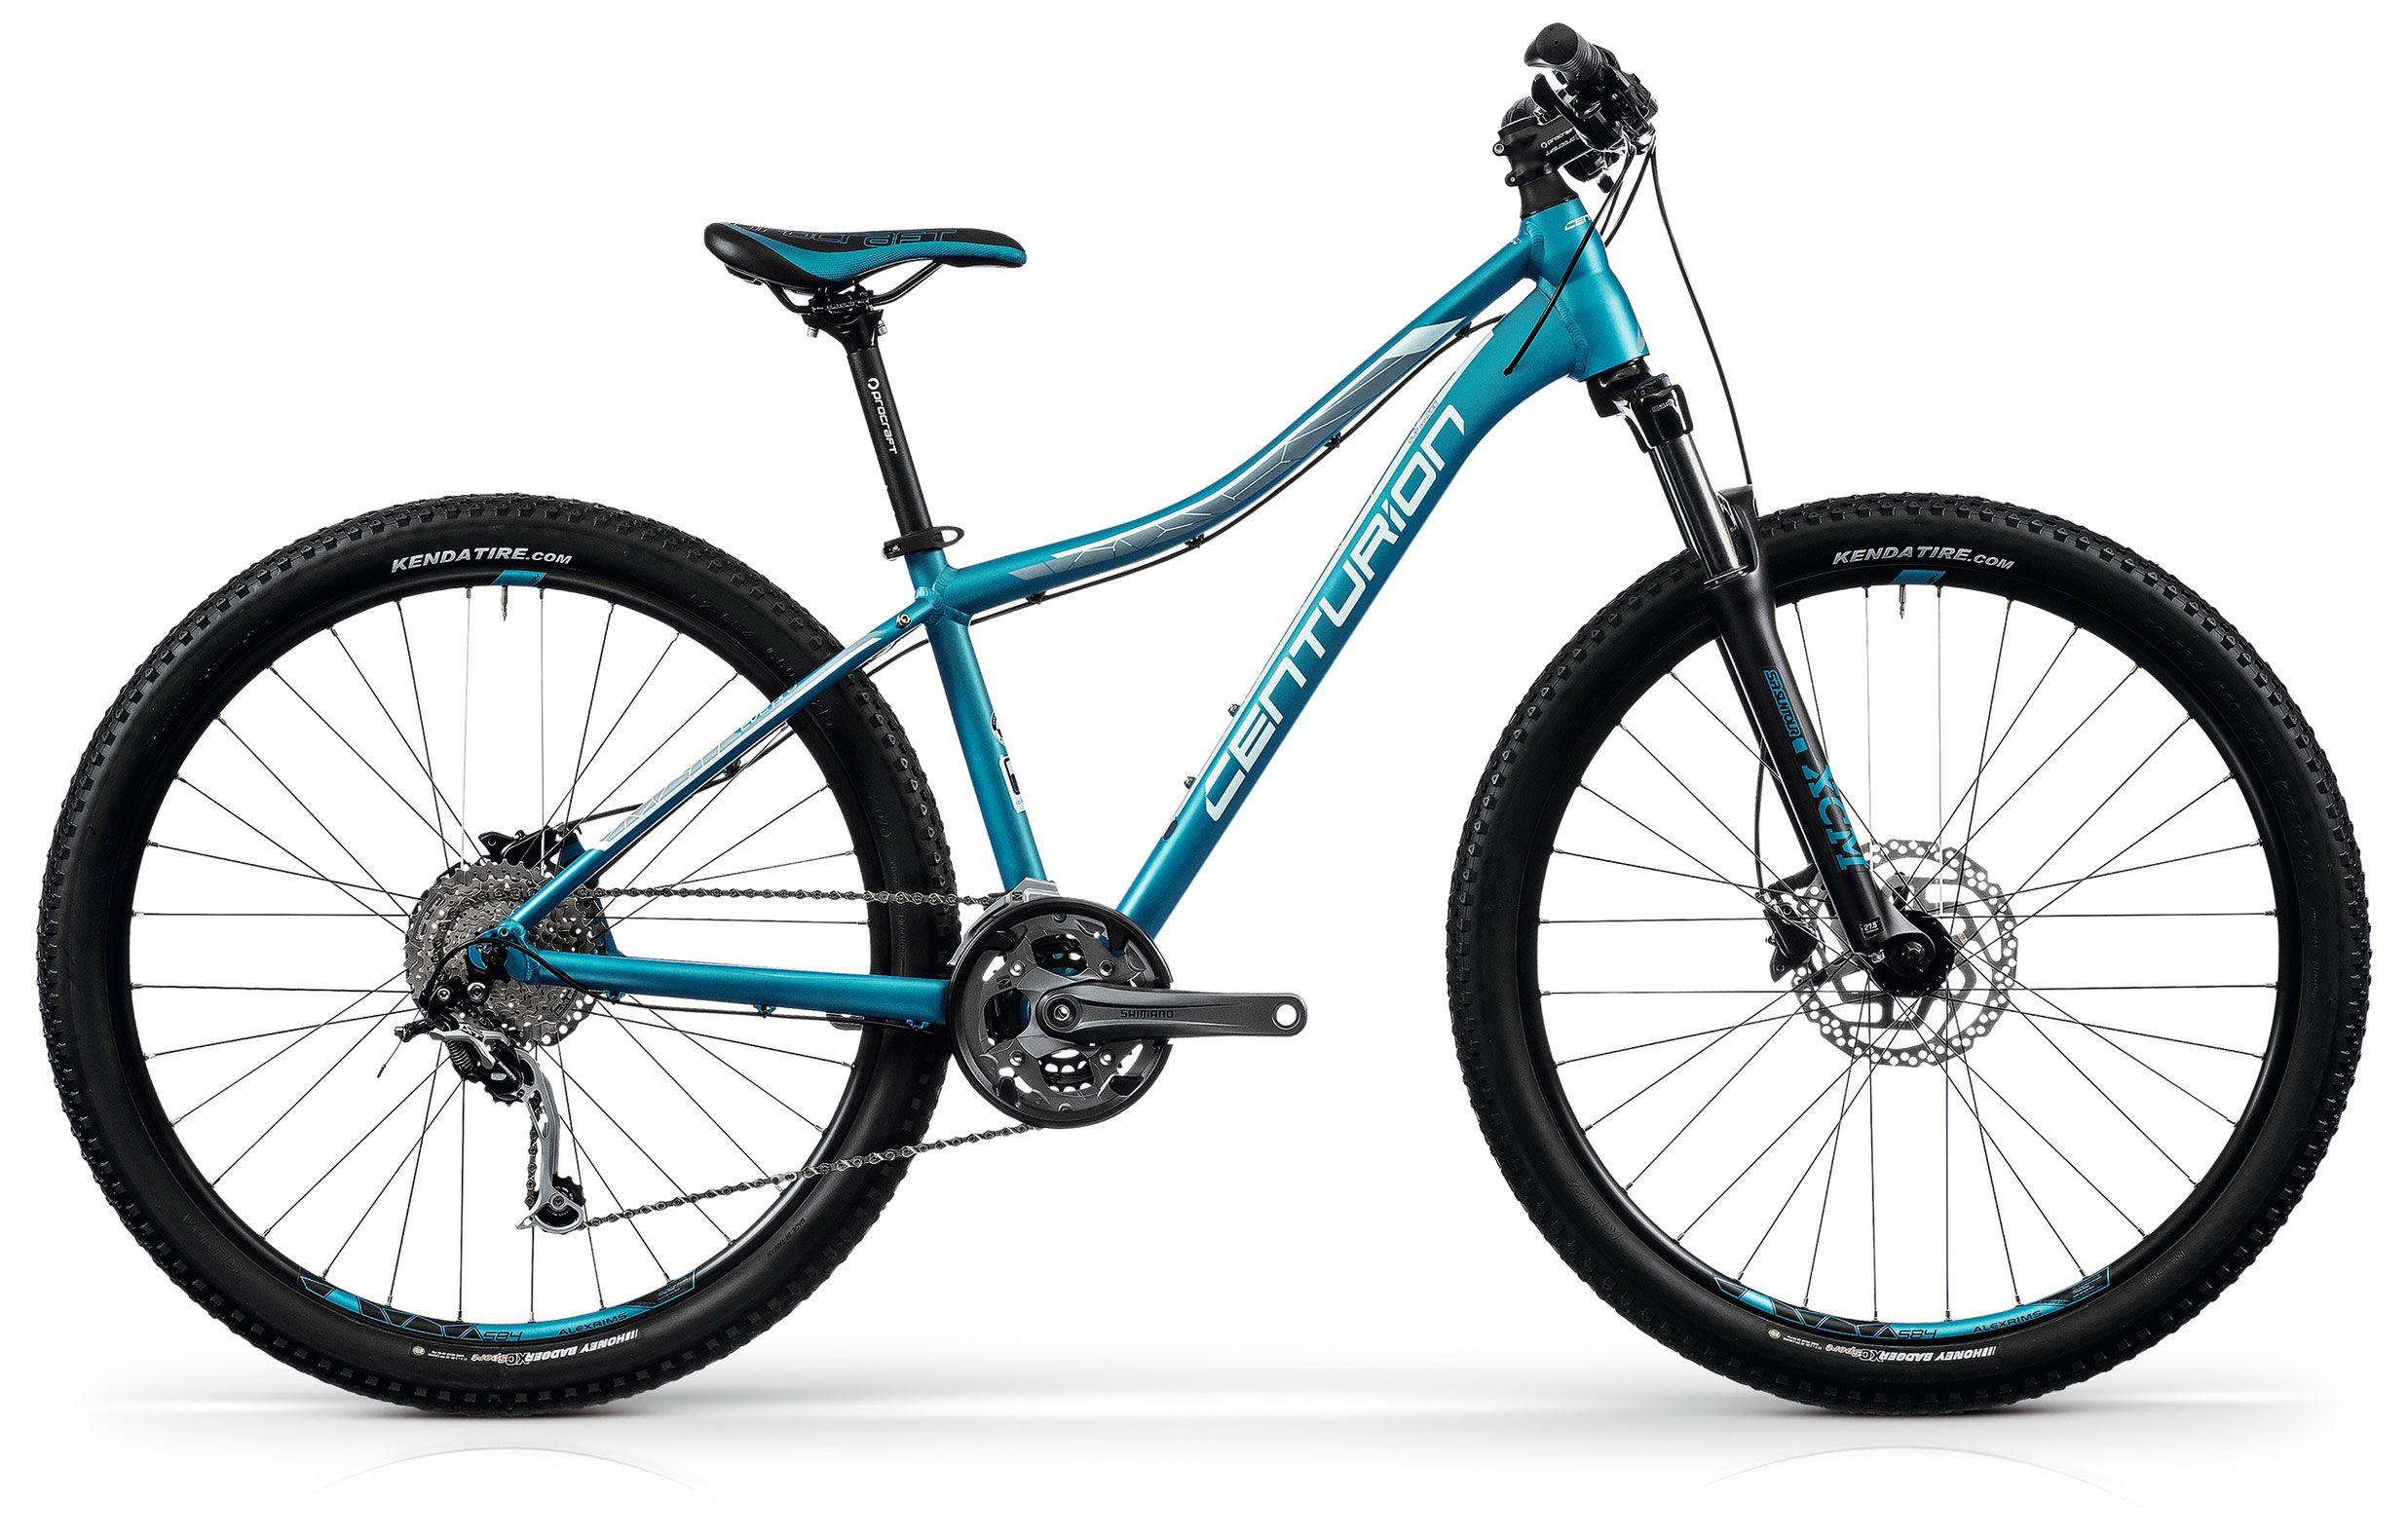 Велосипед Centurion Eve PRO 200.27 2018 велосипед centurion eve 80 27 2016